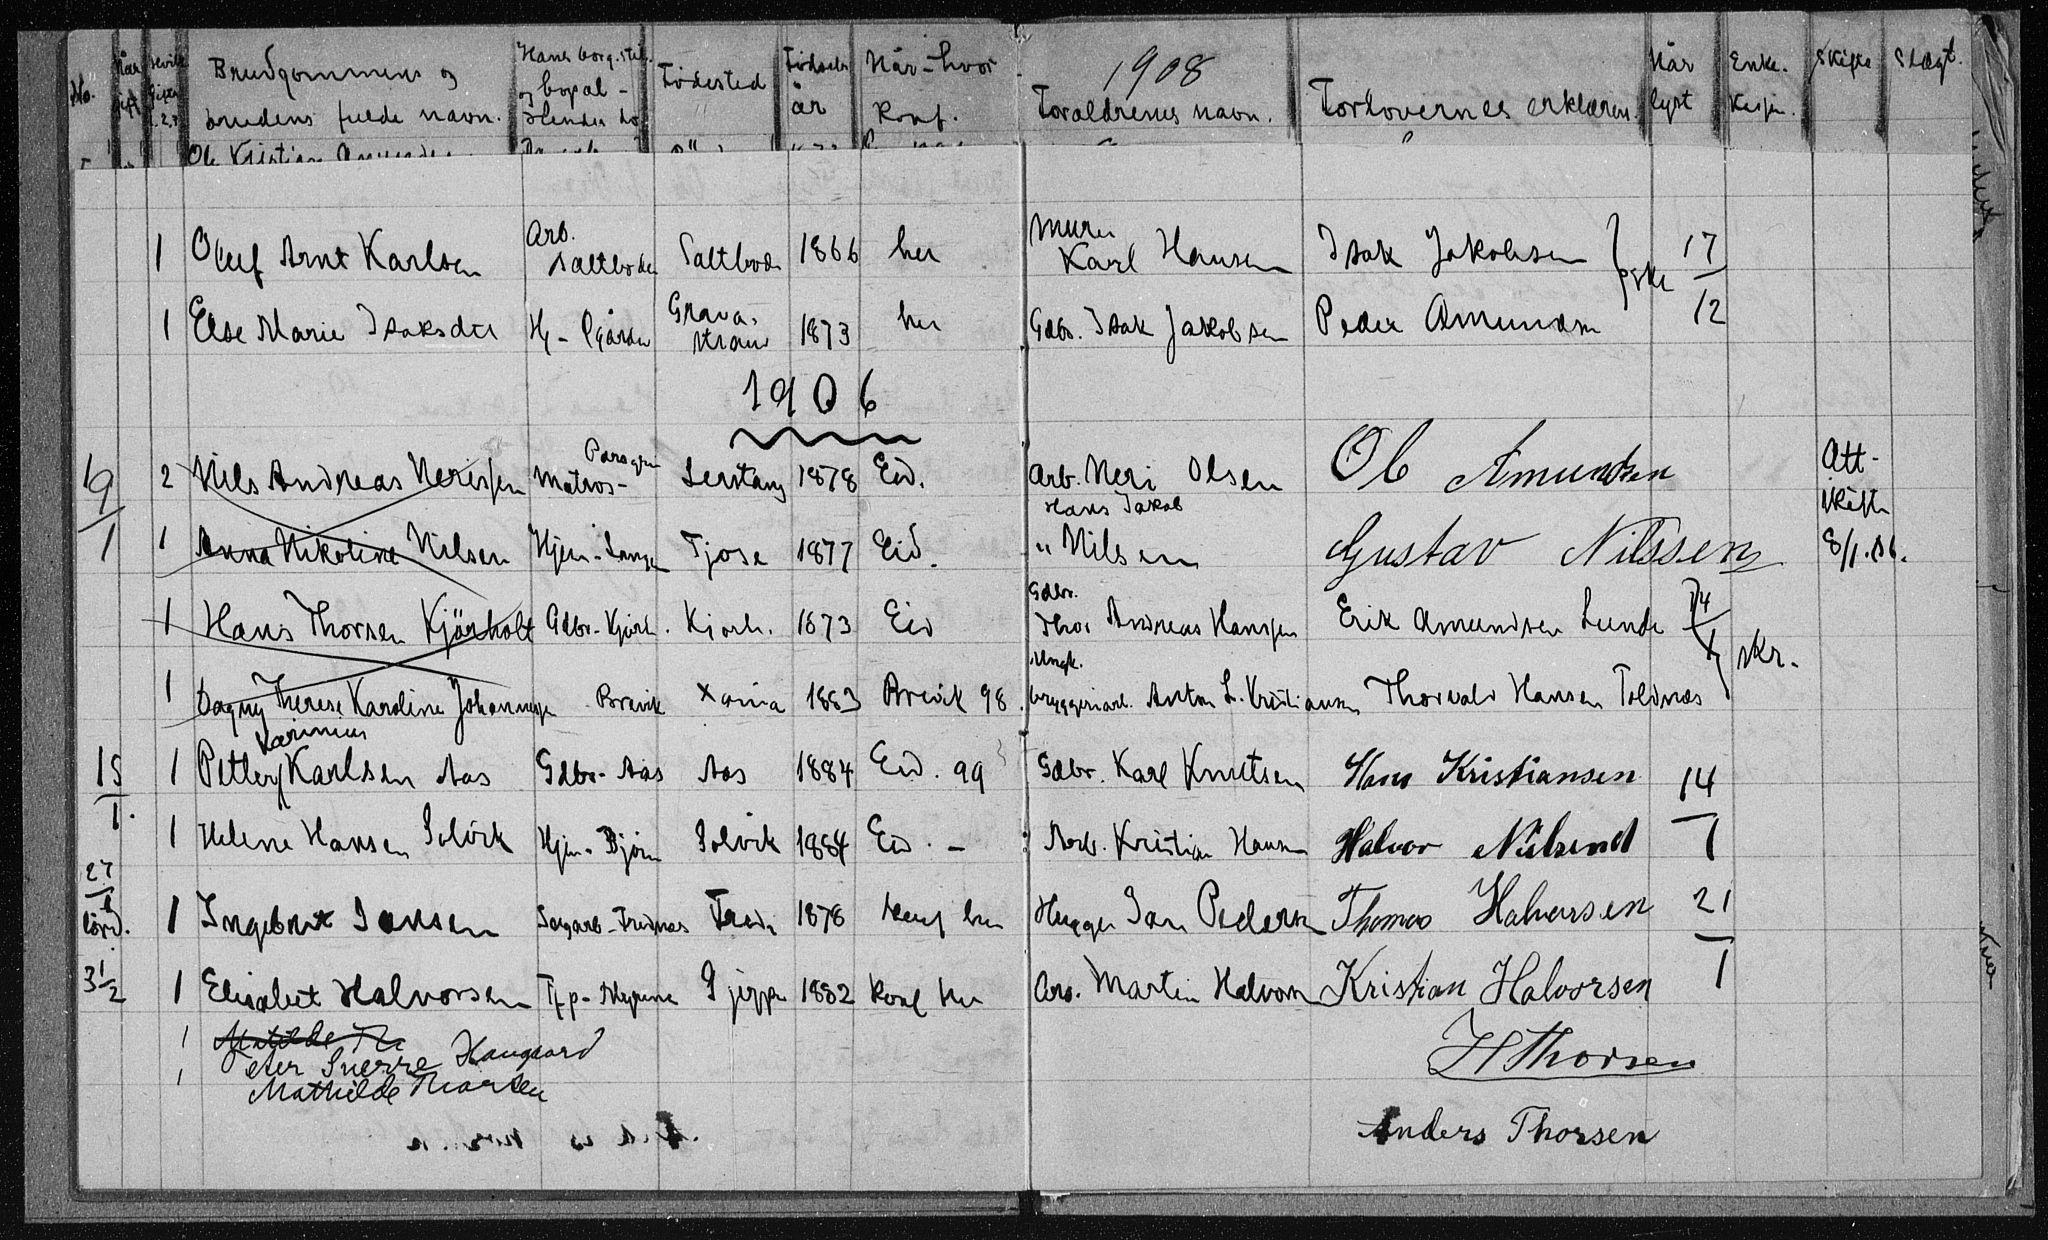 SAKO, Eidanger kirkebøker, H/Ha/L0002: Banns register no. 2, 1904-1912